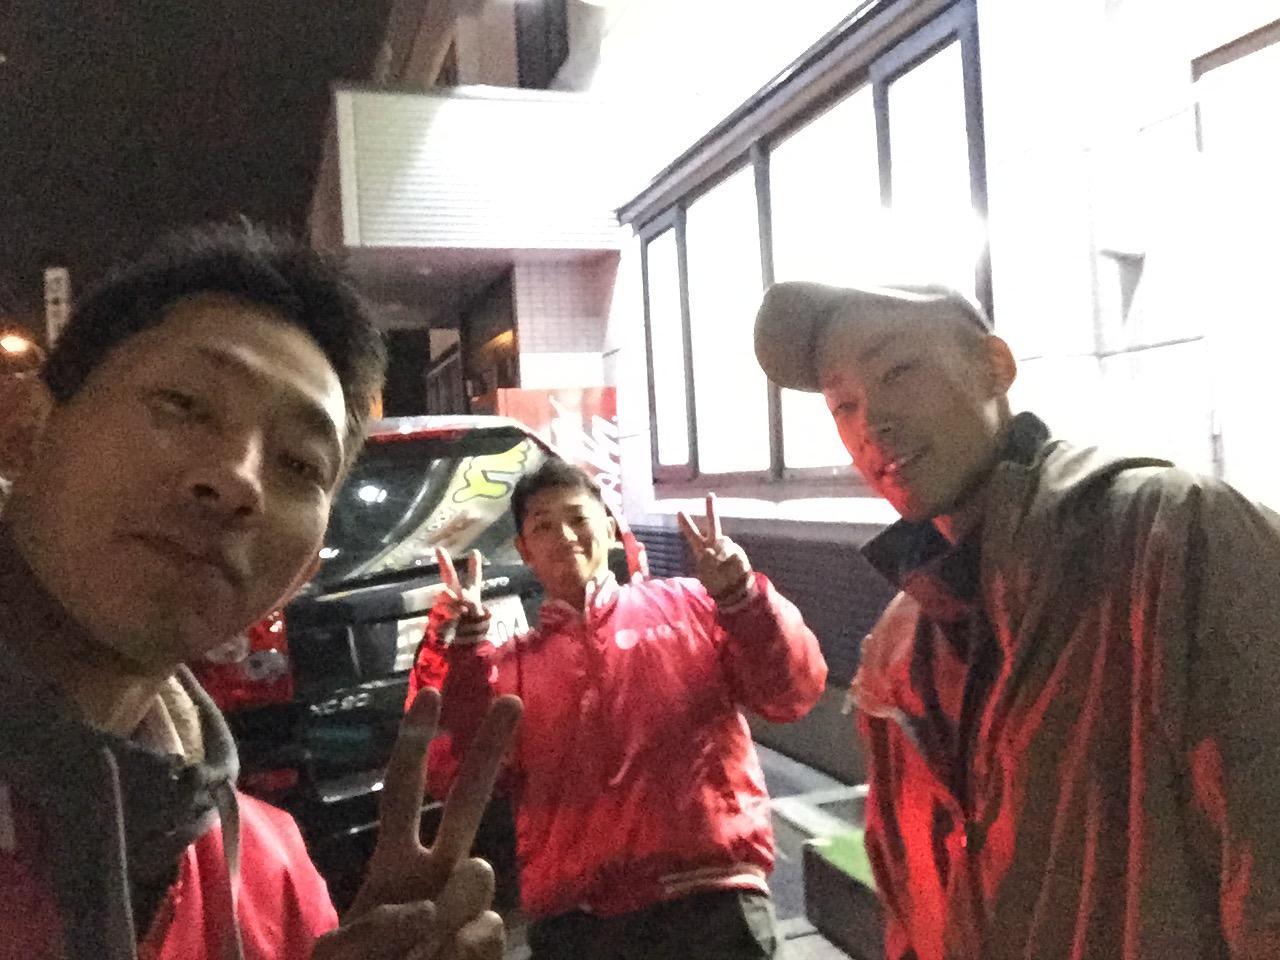 11月14日(土)アウトレット☆ステップワゴンS様納車☆ウィッシュN様納車☆_b0127002_20174919.jpg